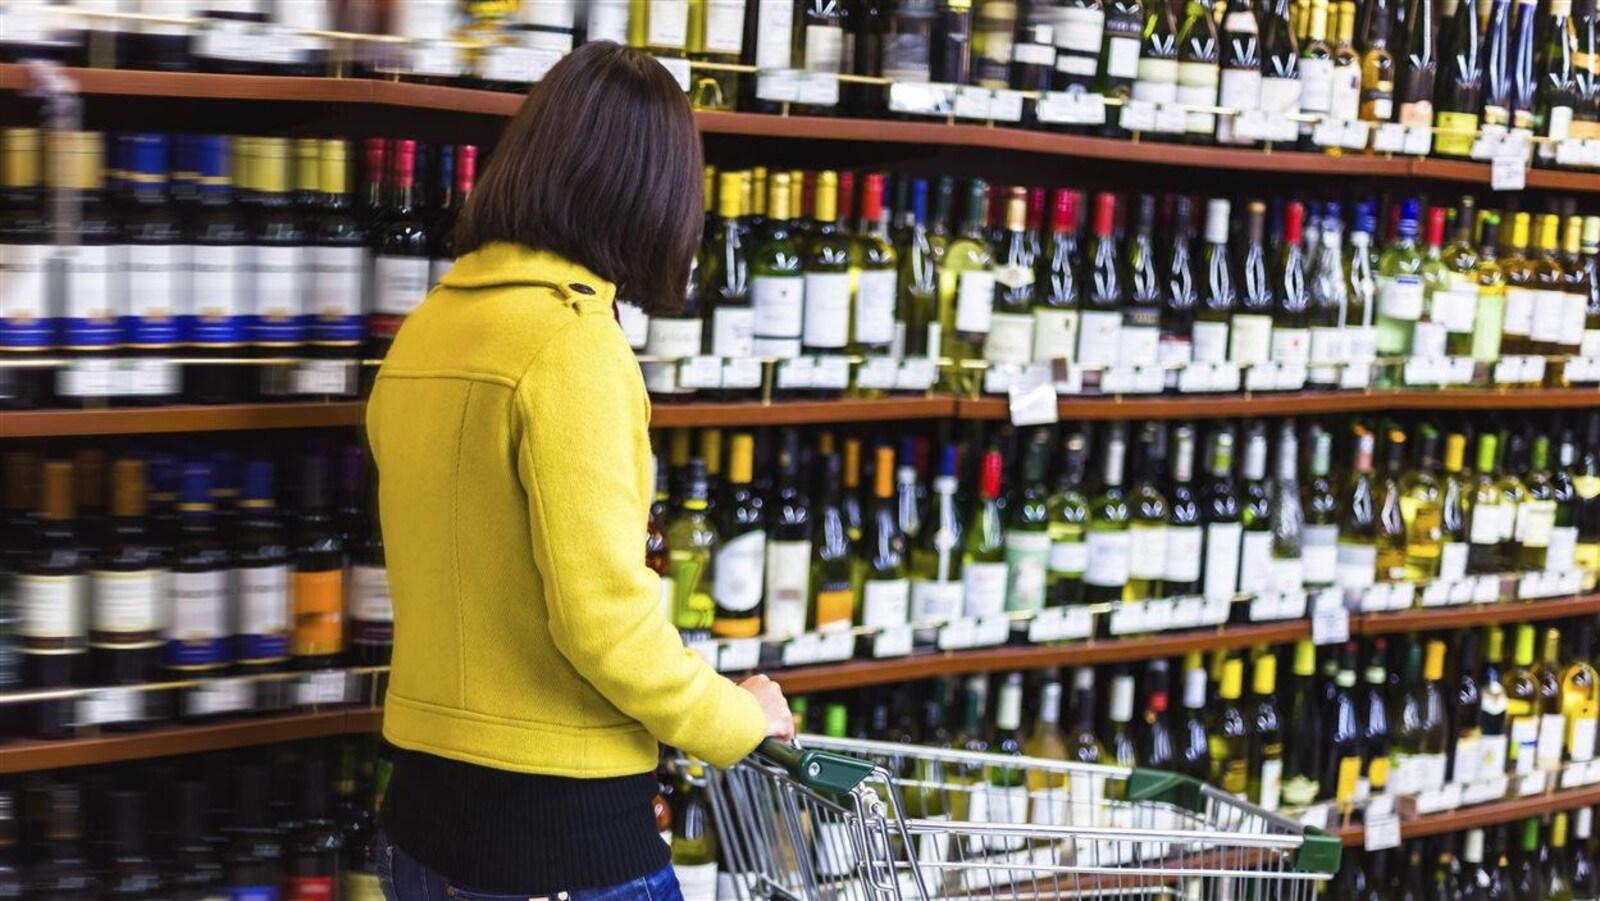 Une femme avec un panier dans une allée d'une succursale de la Société des alcools du Québec.